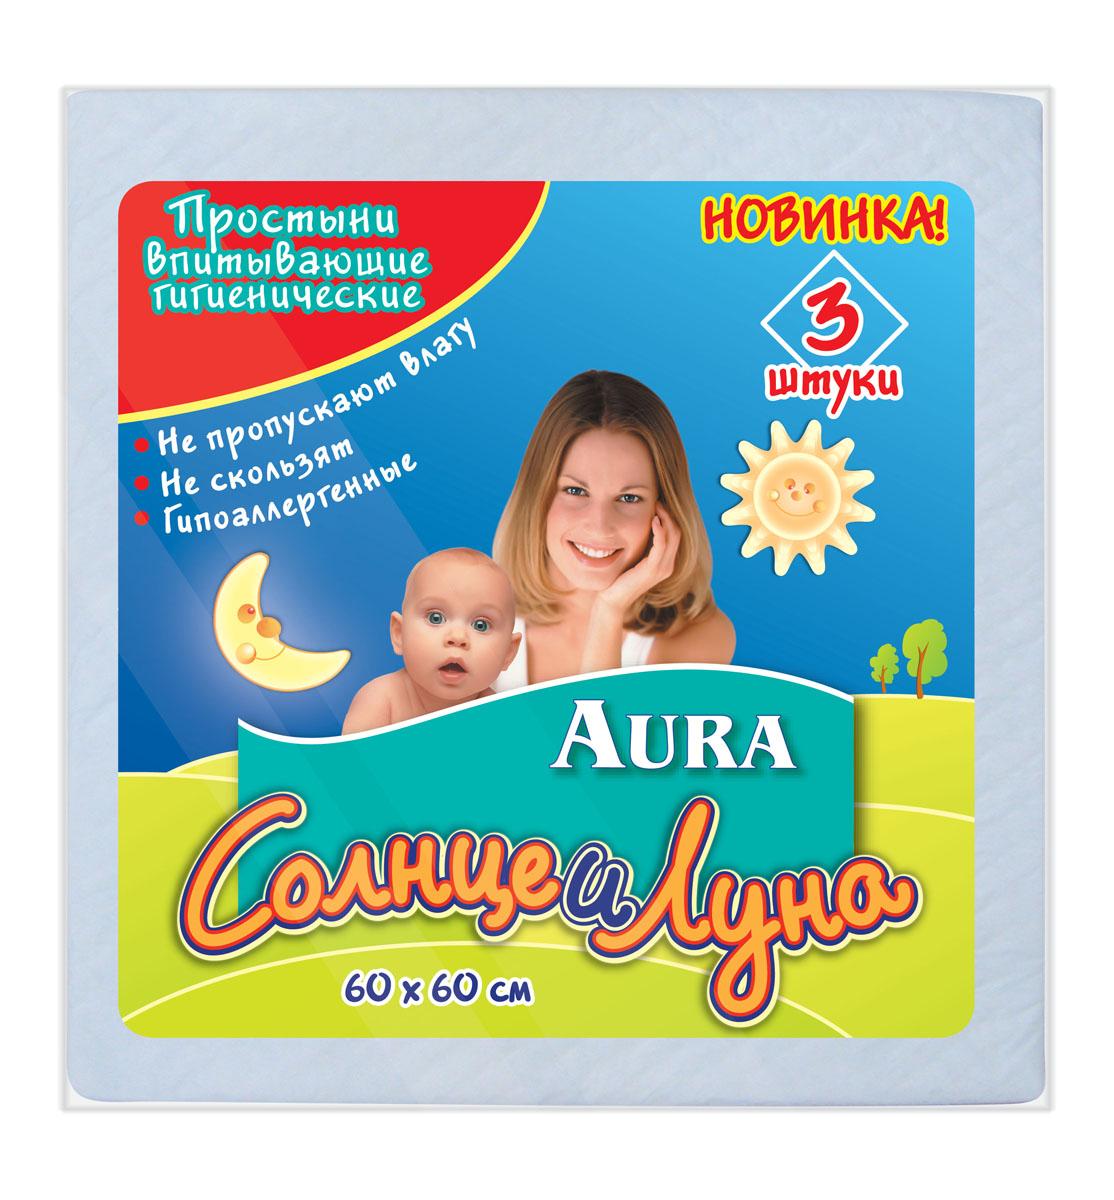 Простыни впитывающие гигиенические Aura